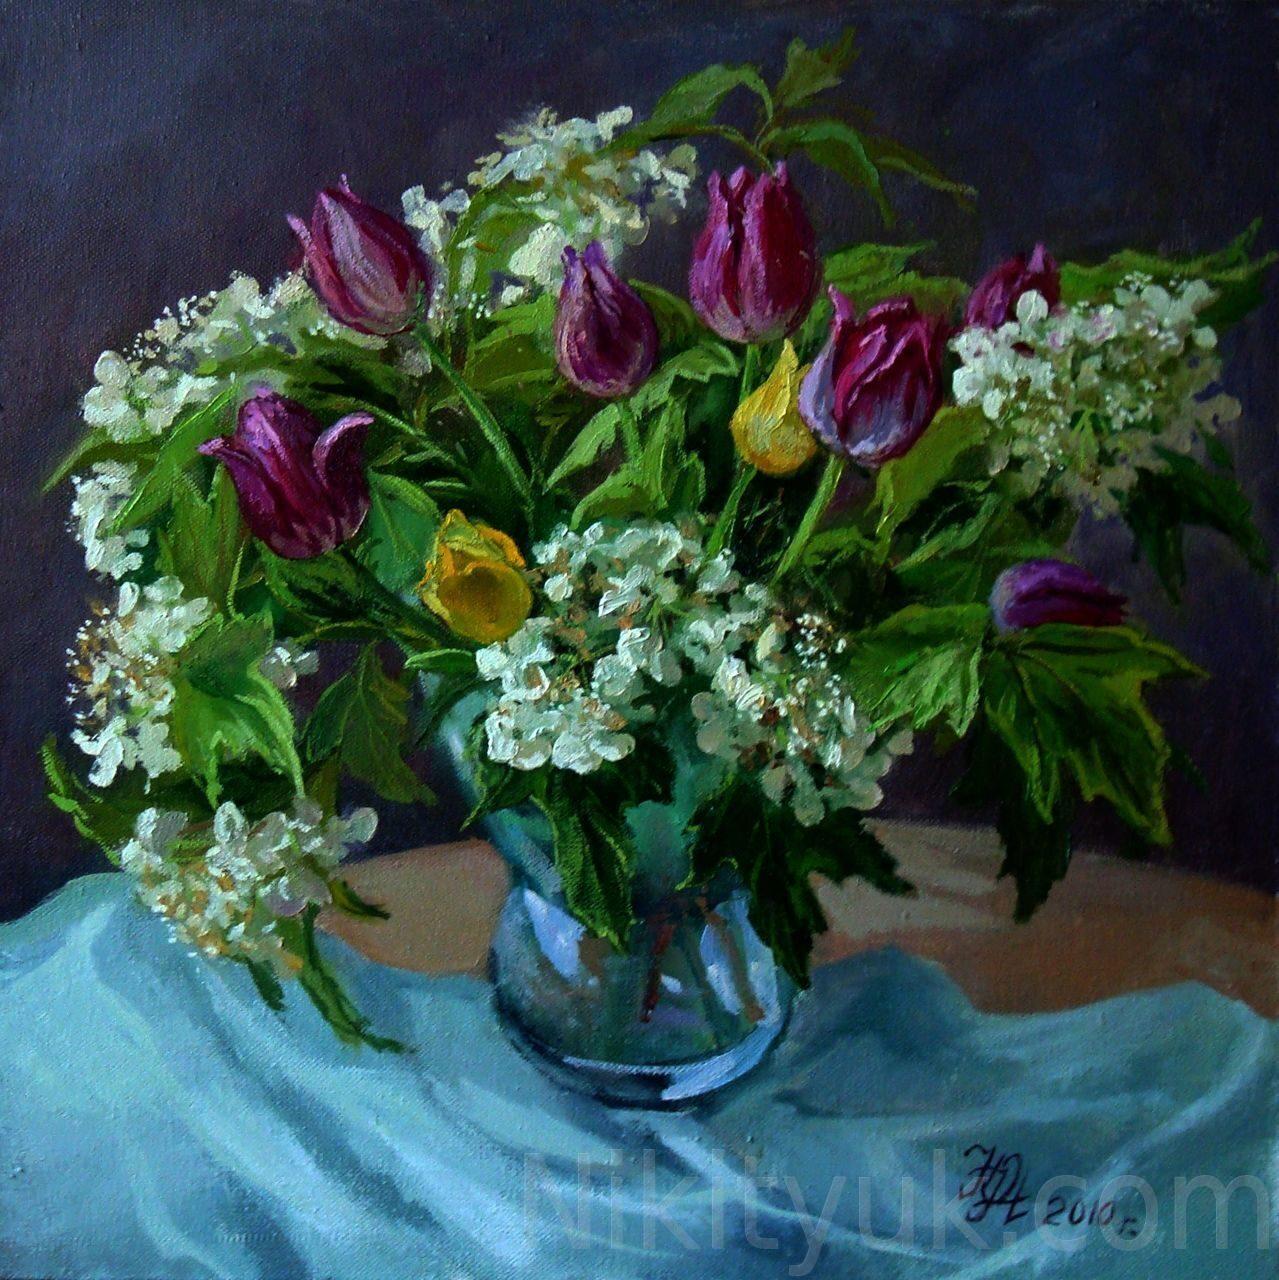 Букет с тюльпанами, х.м., 40х40см, 2010г. 8 000 руб., под заказ